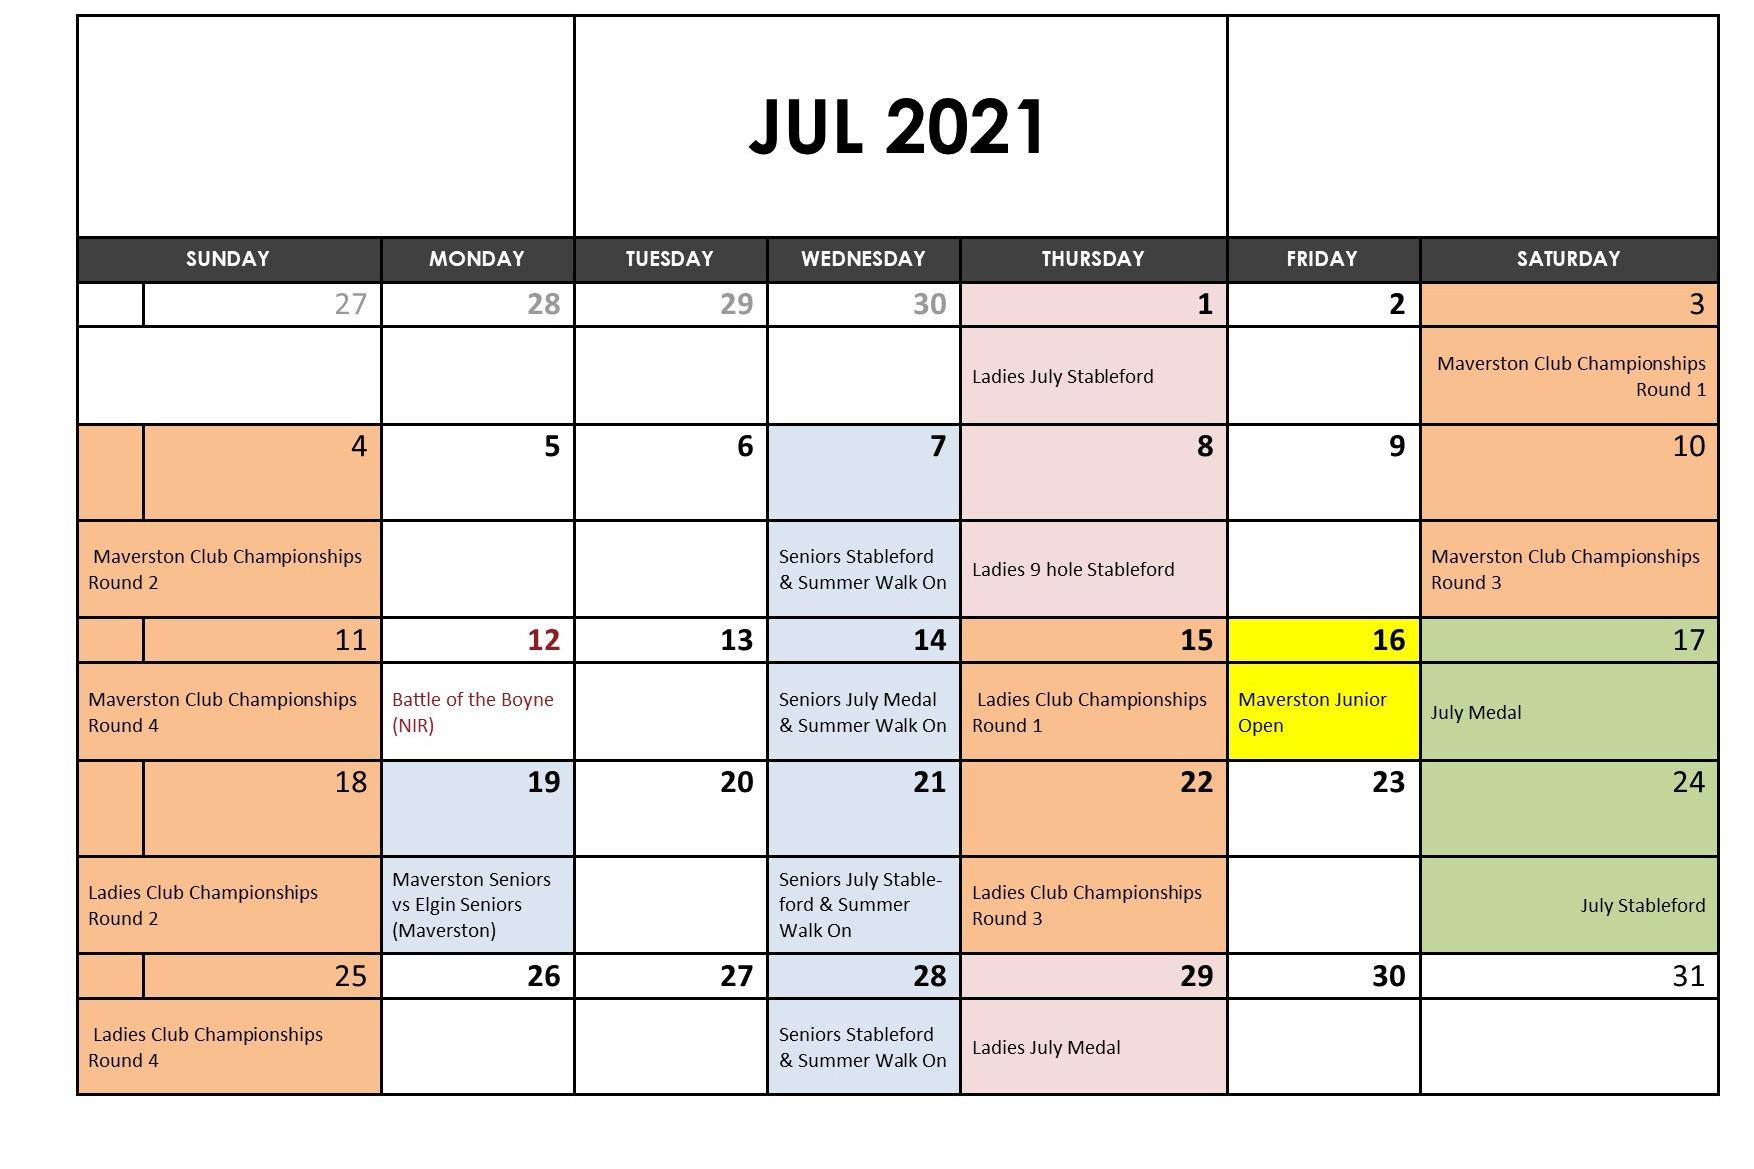 July 2021 Fixtures